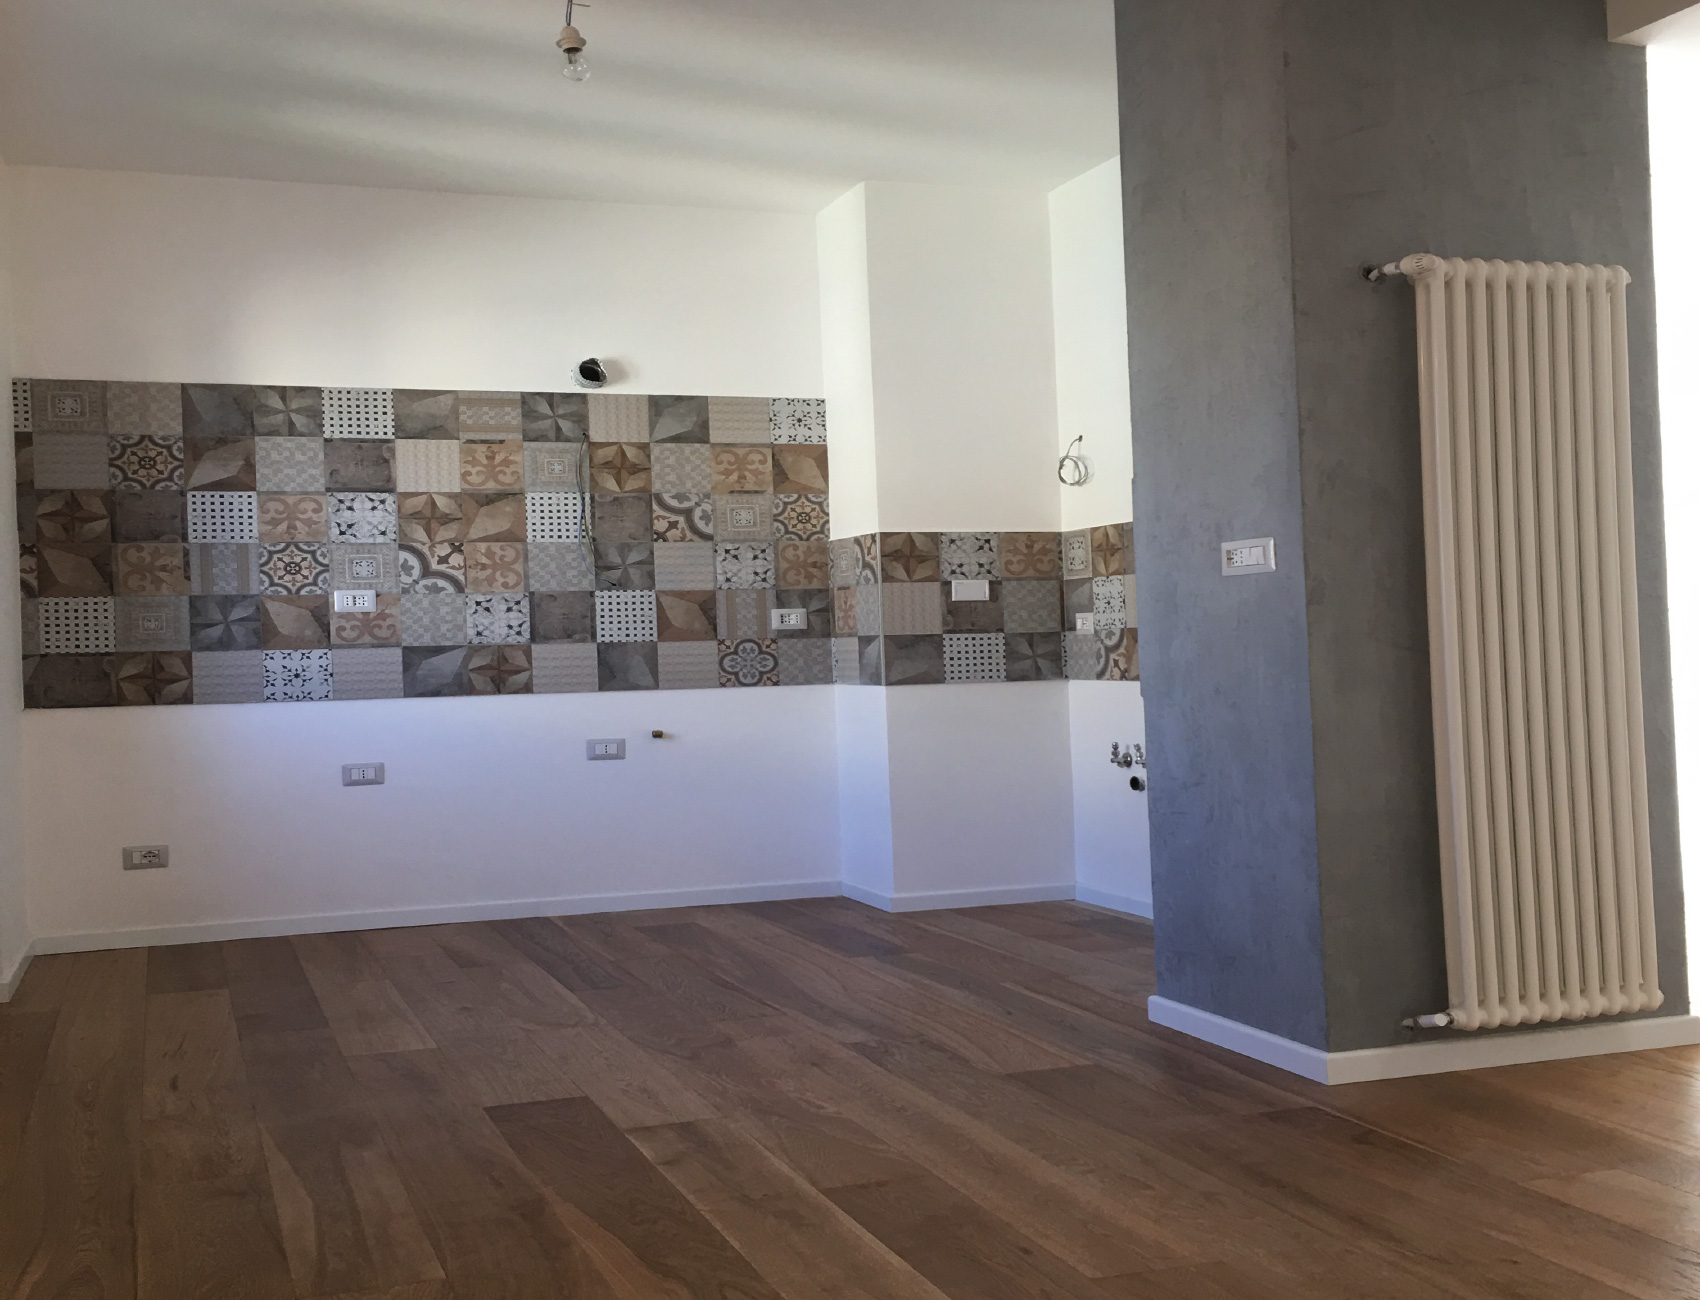 Ristrutturazione casa e appartamento a roma - Quanto costa un architetto per ristrutturare casa ...